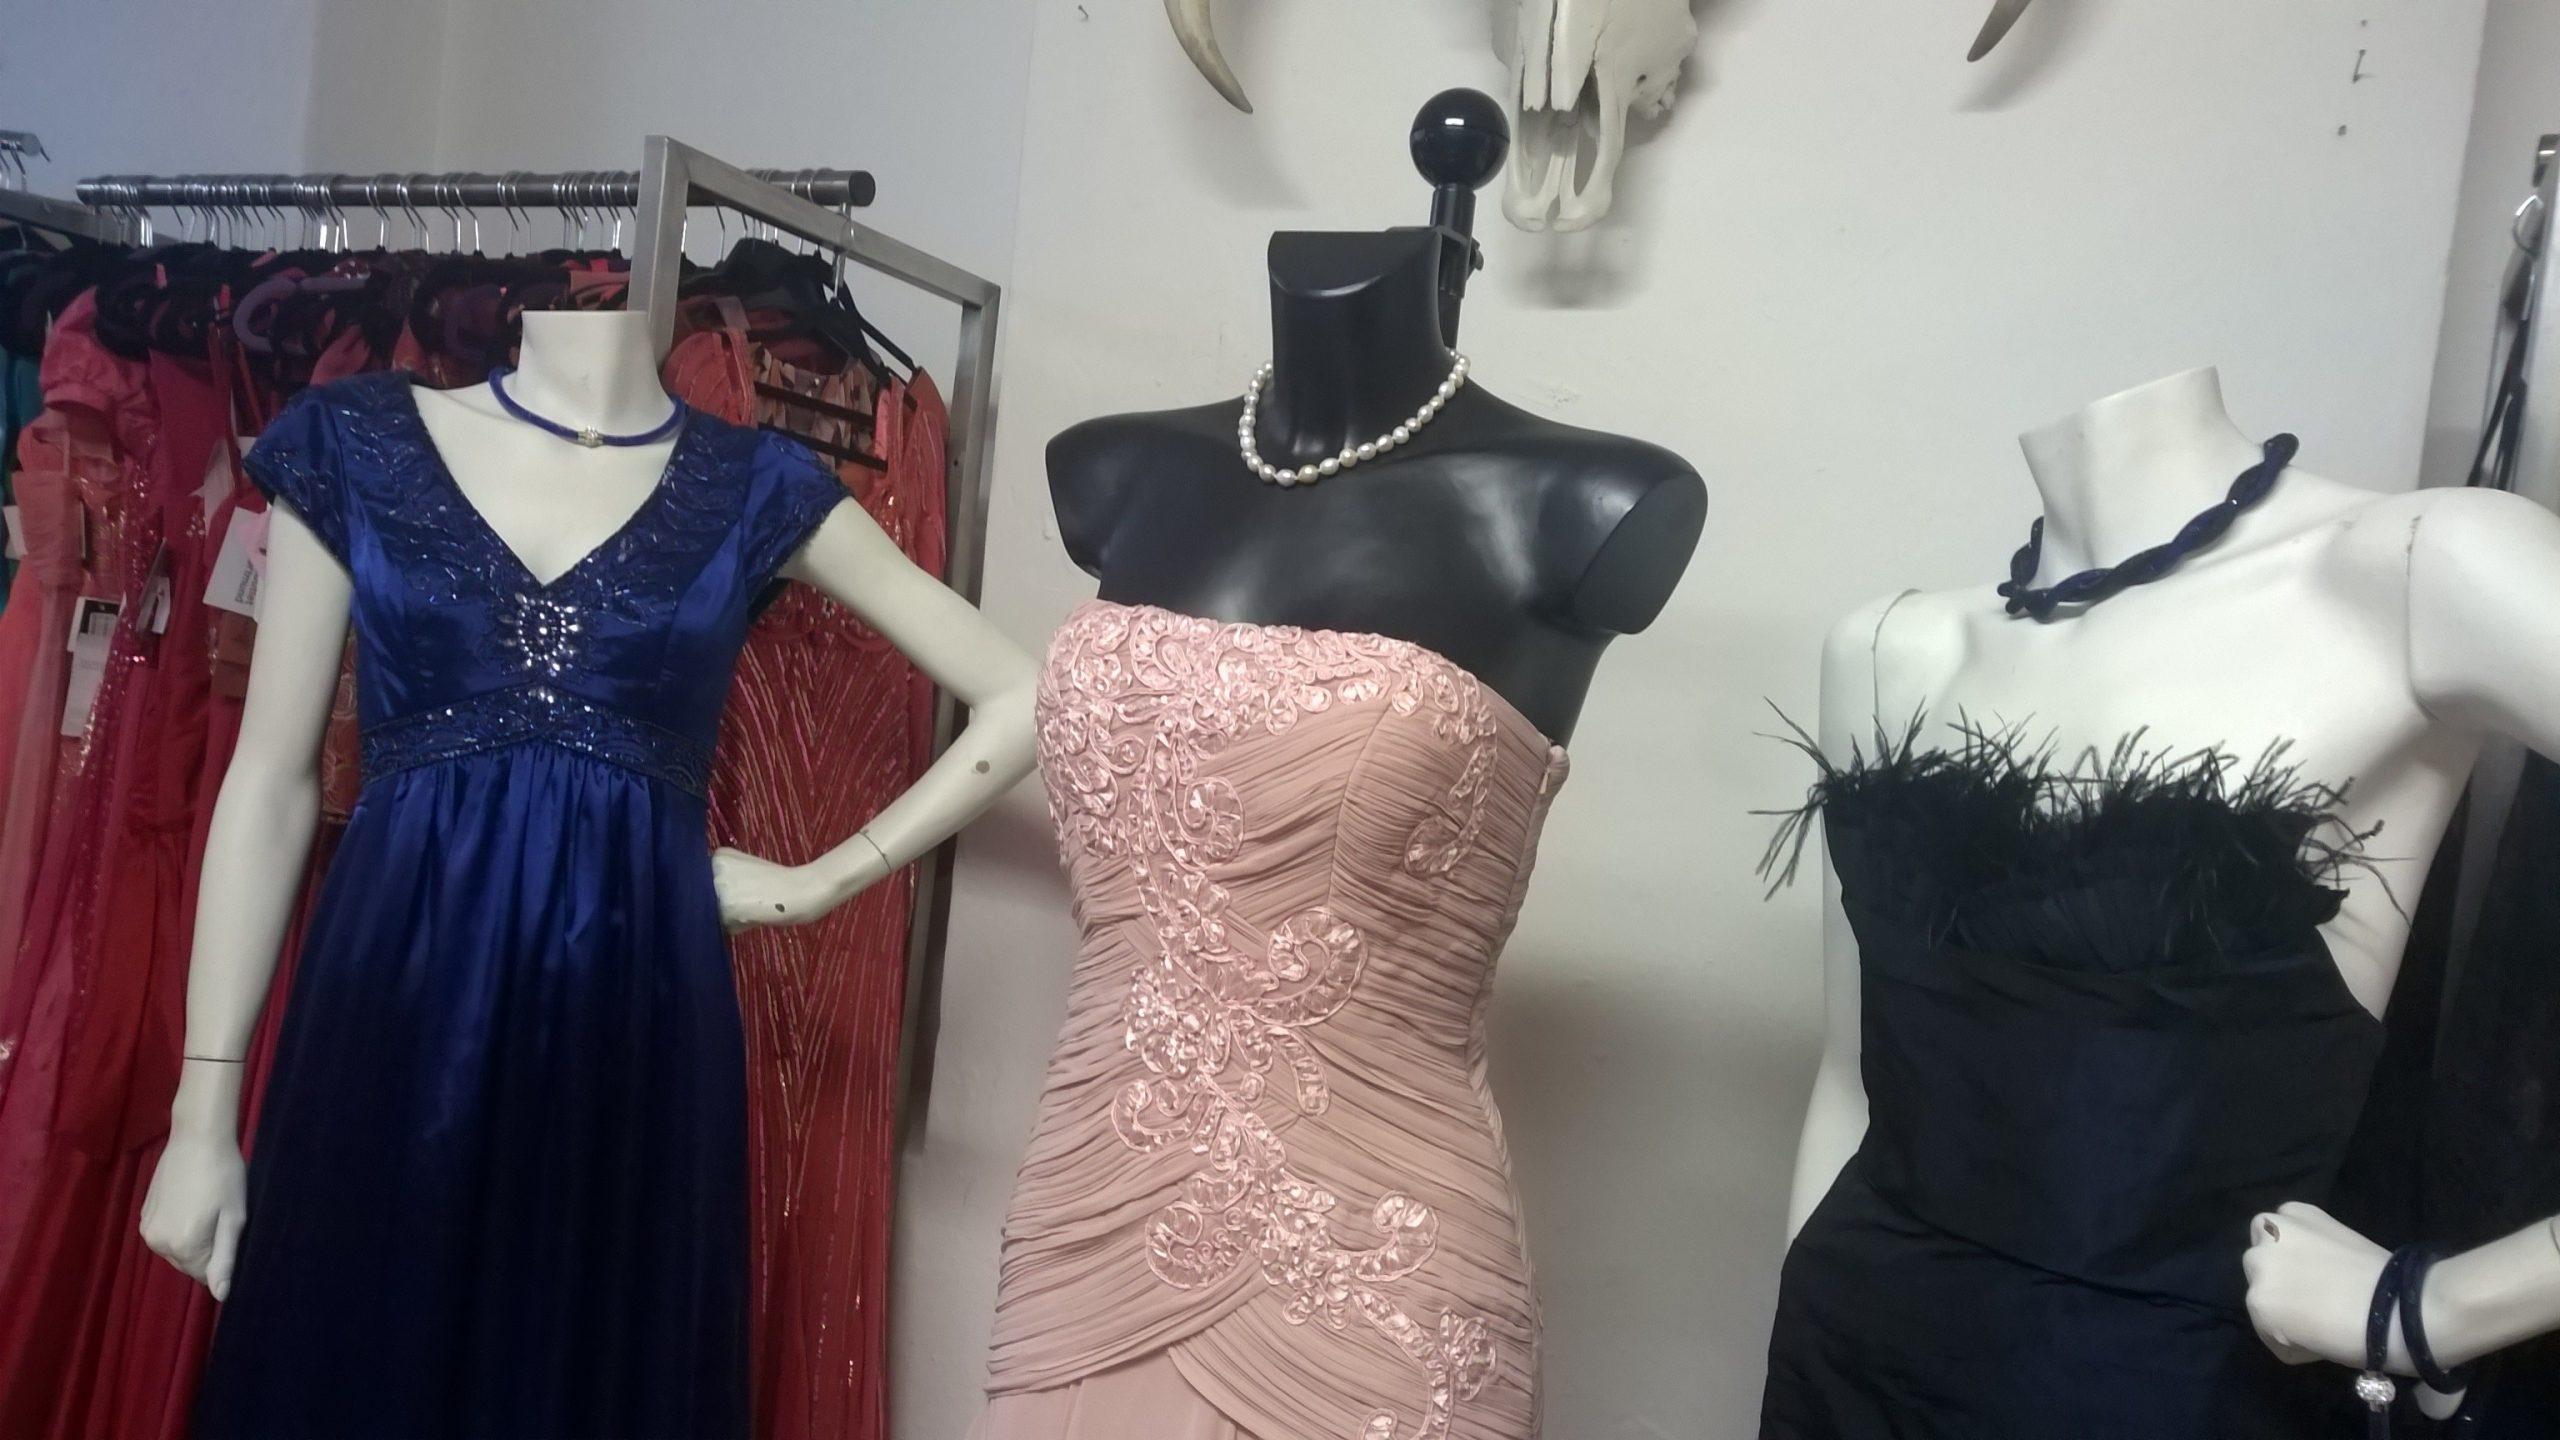 20 Einfach Abend Kleider Second Hand Design15 Genial Abend Kleider Second Hand für 2019